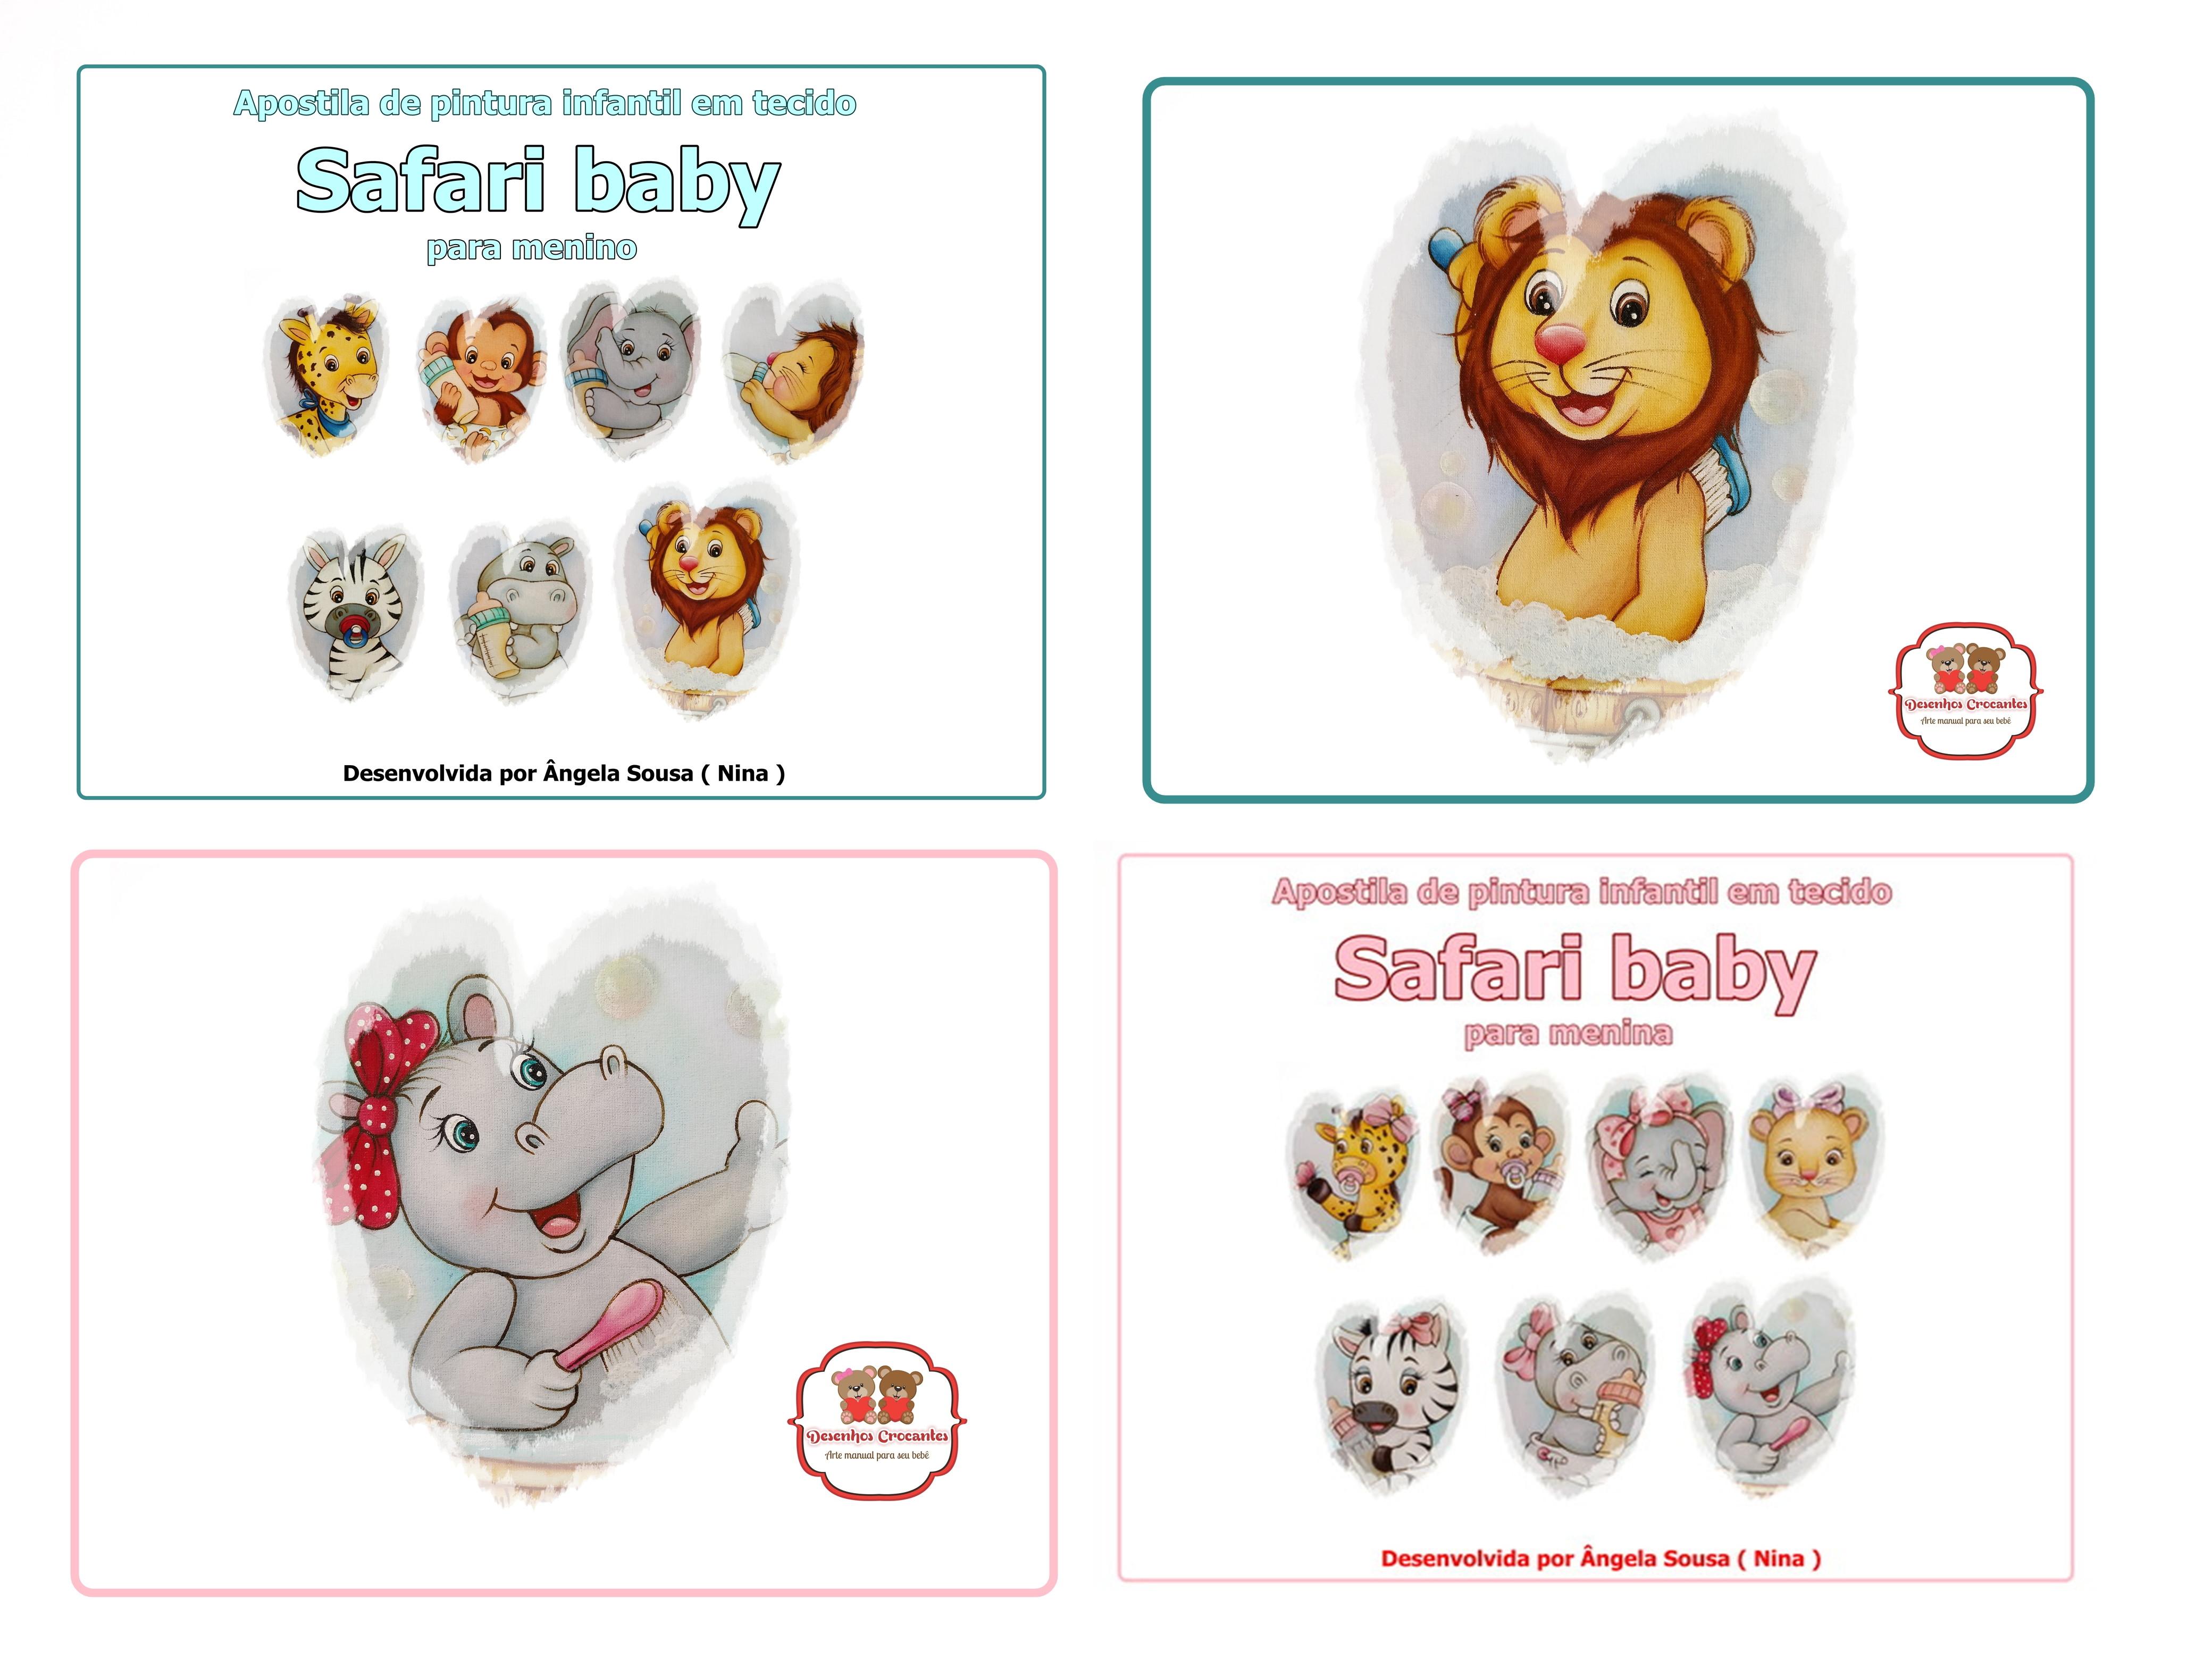 Promocao Apostilas De Pintura Em Tecido Safari Baby No Elo7